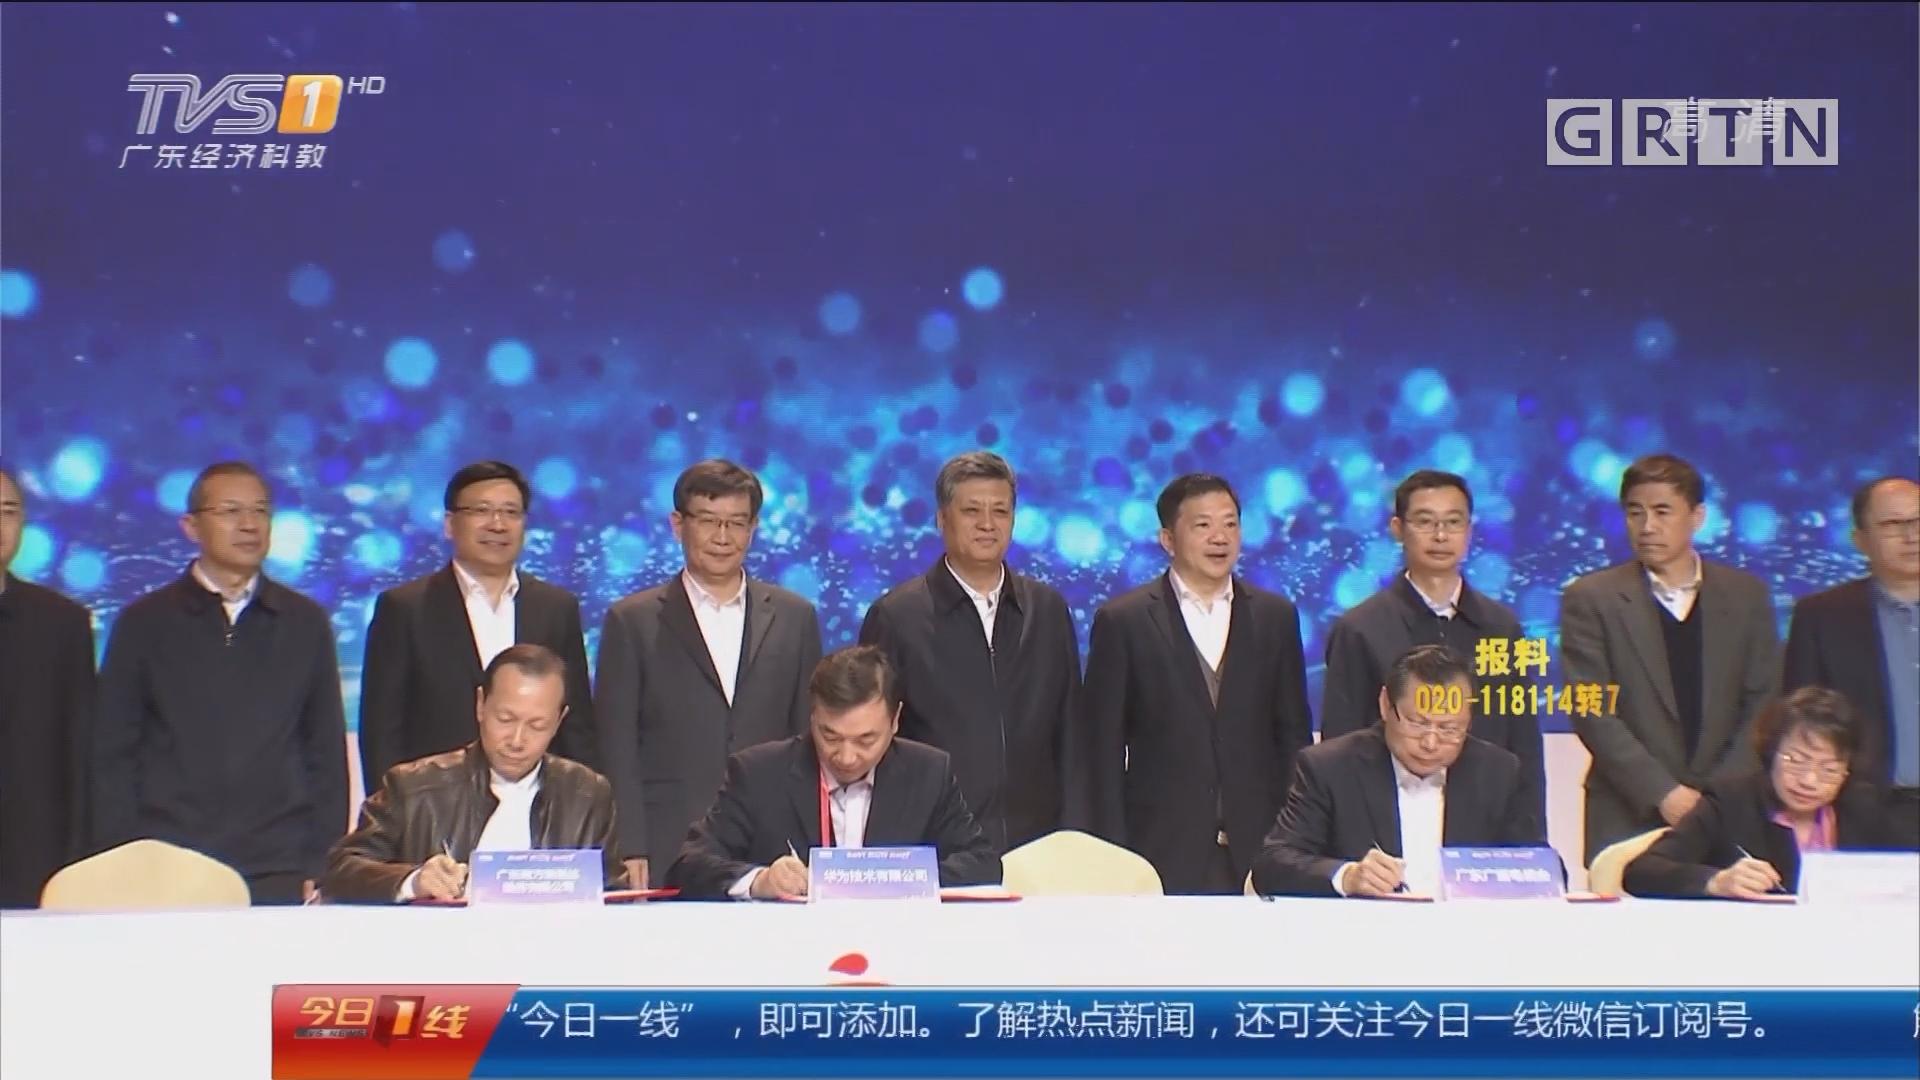 广东:4K超高清电视启动试播 马兴瑞等出席